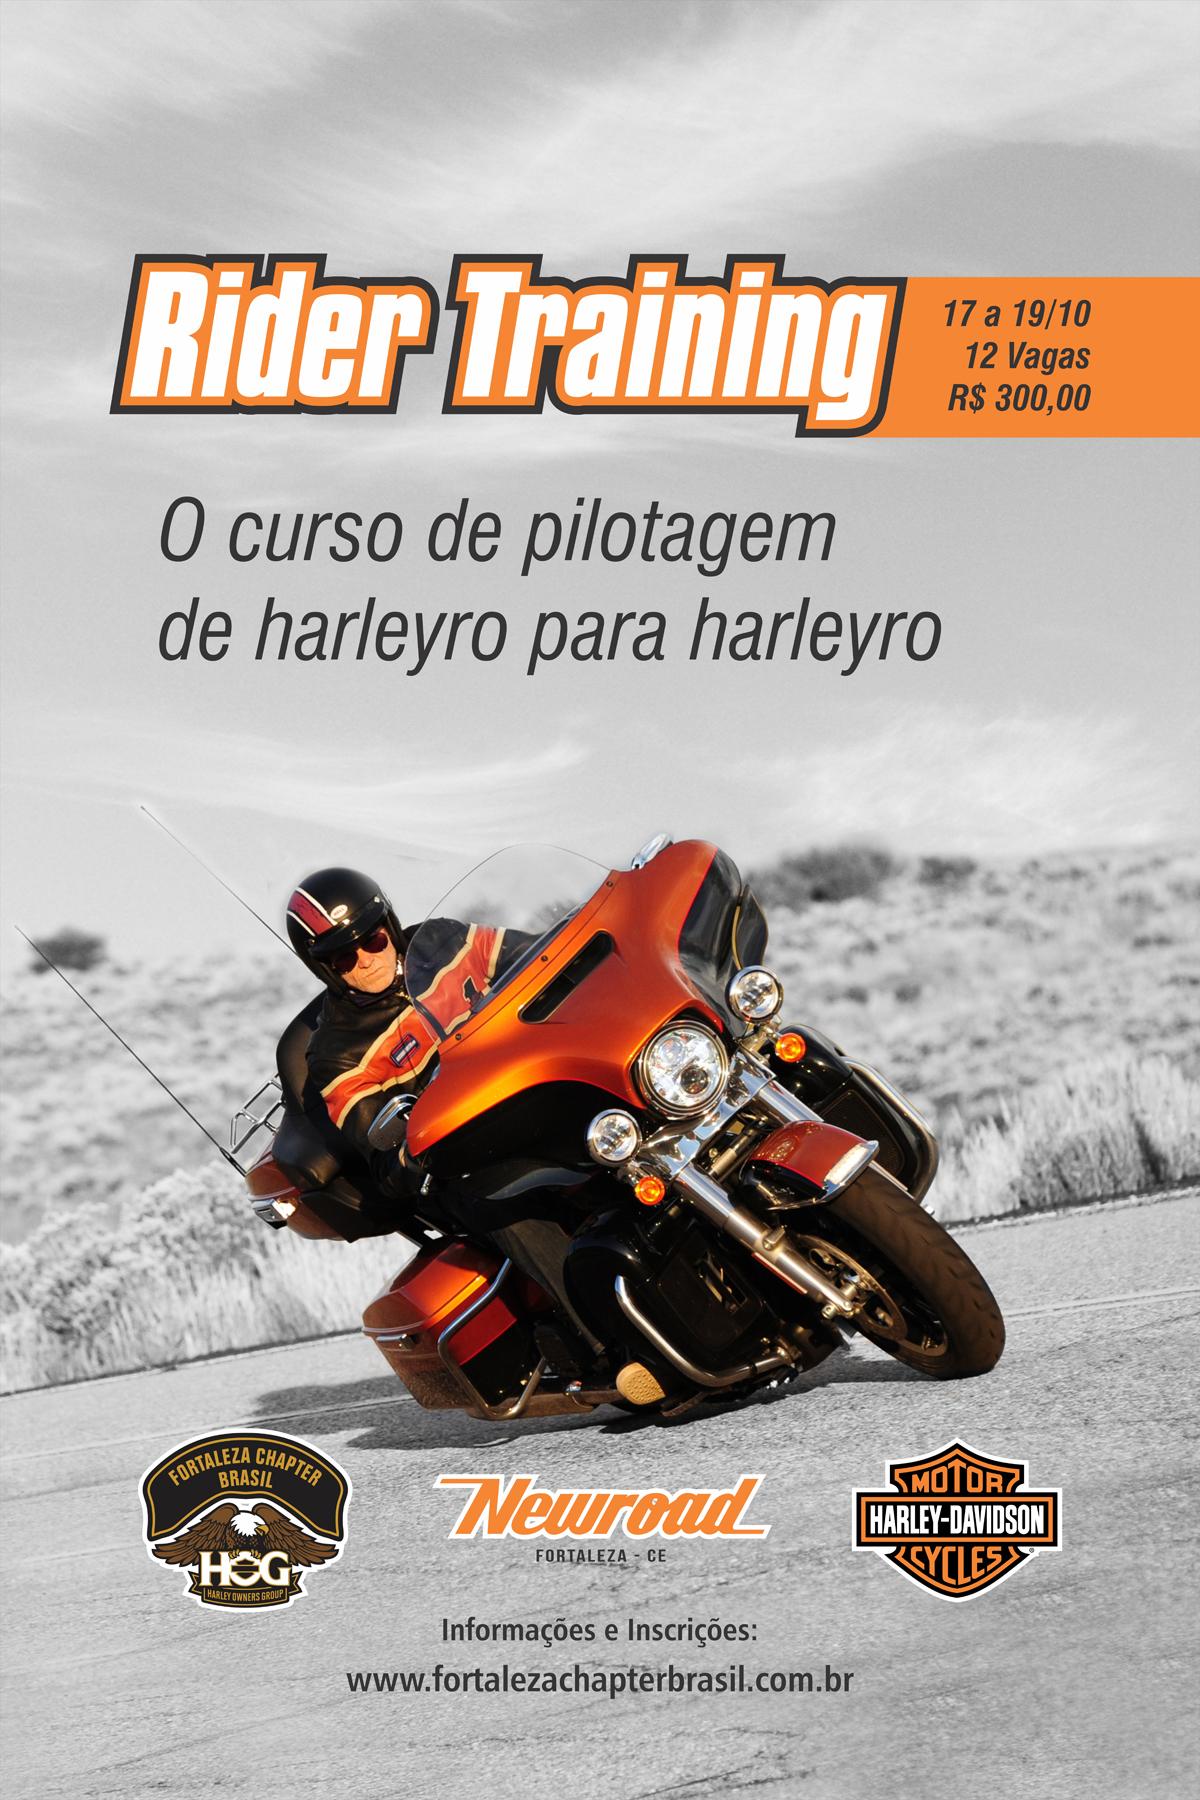 Rider Training - Banner Loja T2